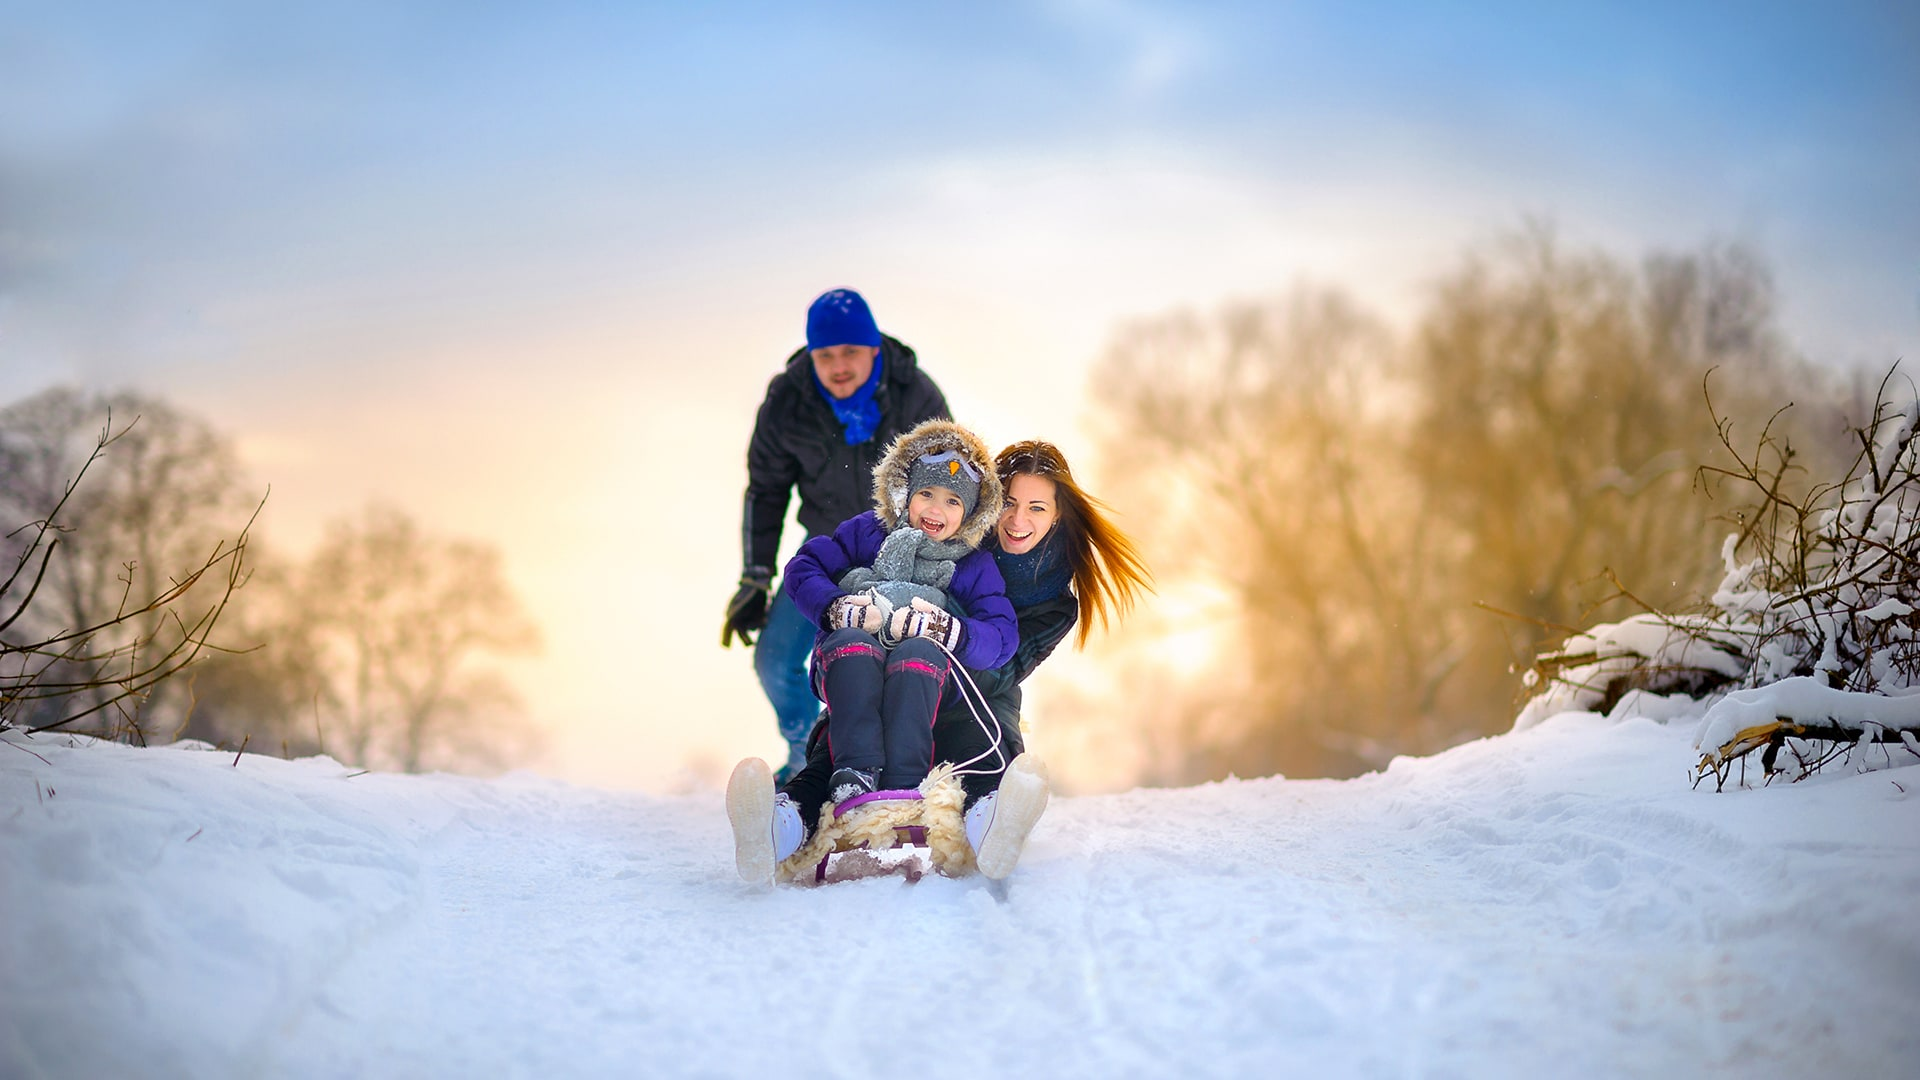 Pohjantähti vakuutukset perhe laskee mäkeä